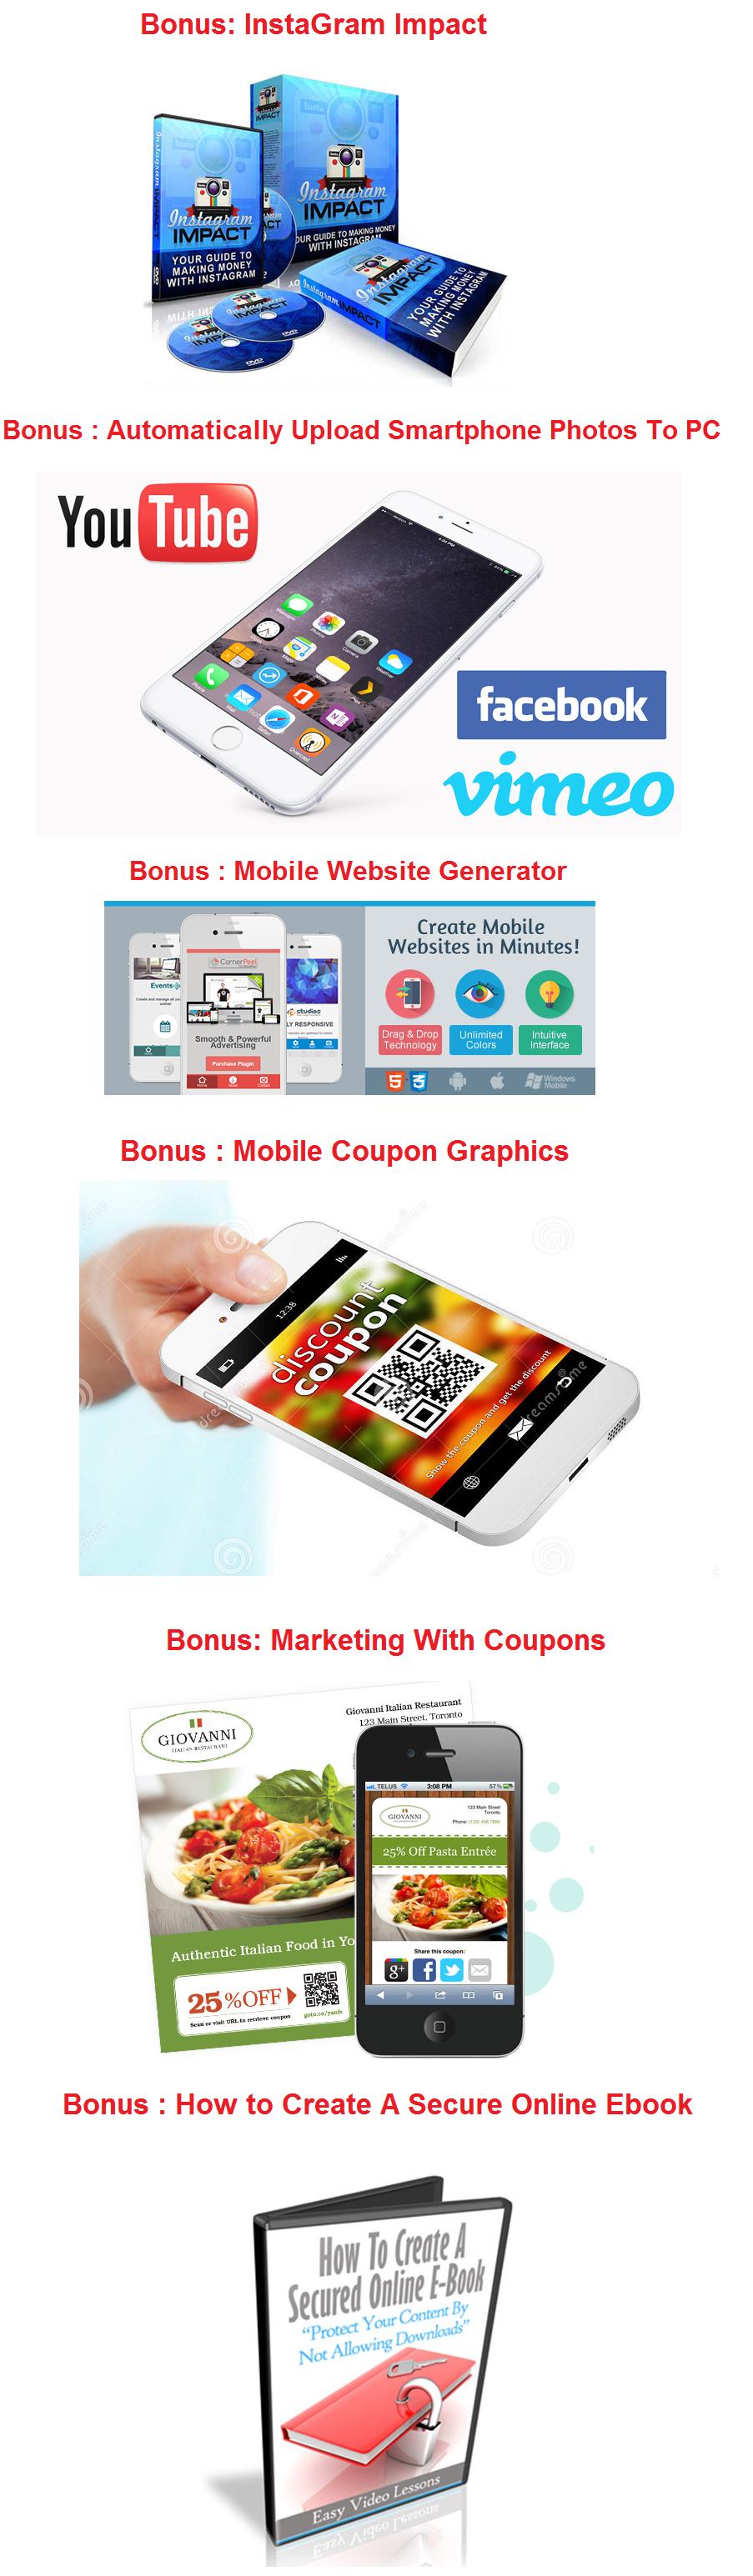 bonus mobilex 3